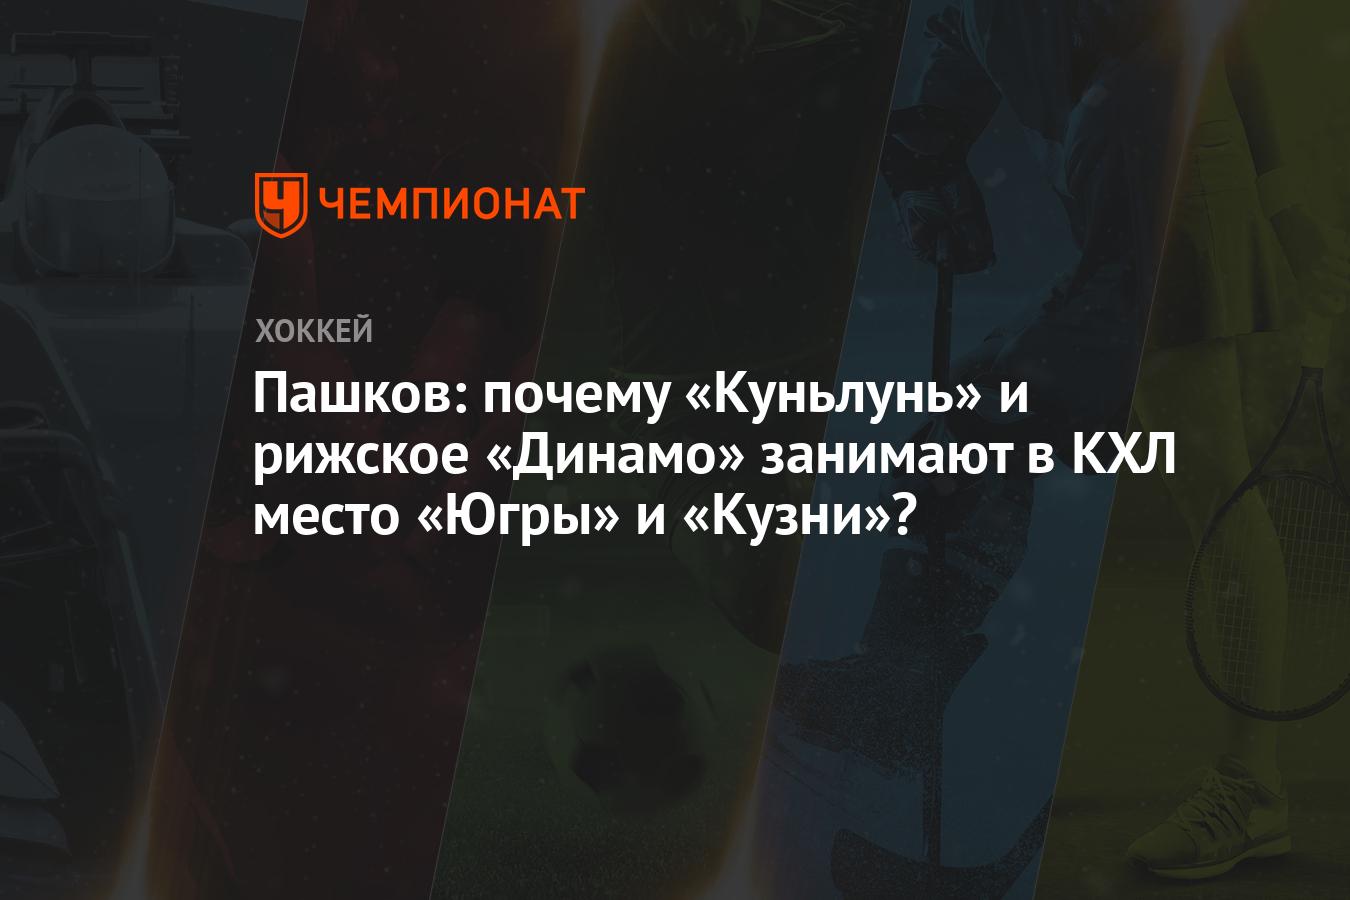 Пашков: почему «Куньлунь» и рижское «Динамо» занимают в КХЛ место «Югры» и «Кузницы»?